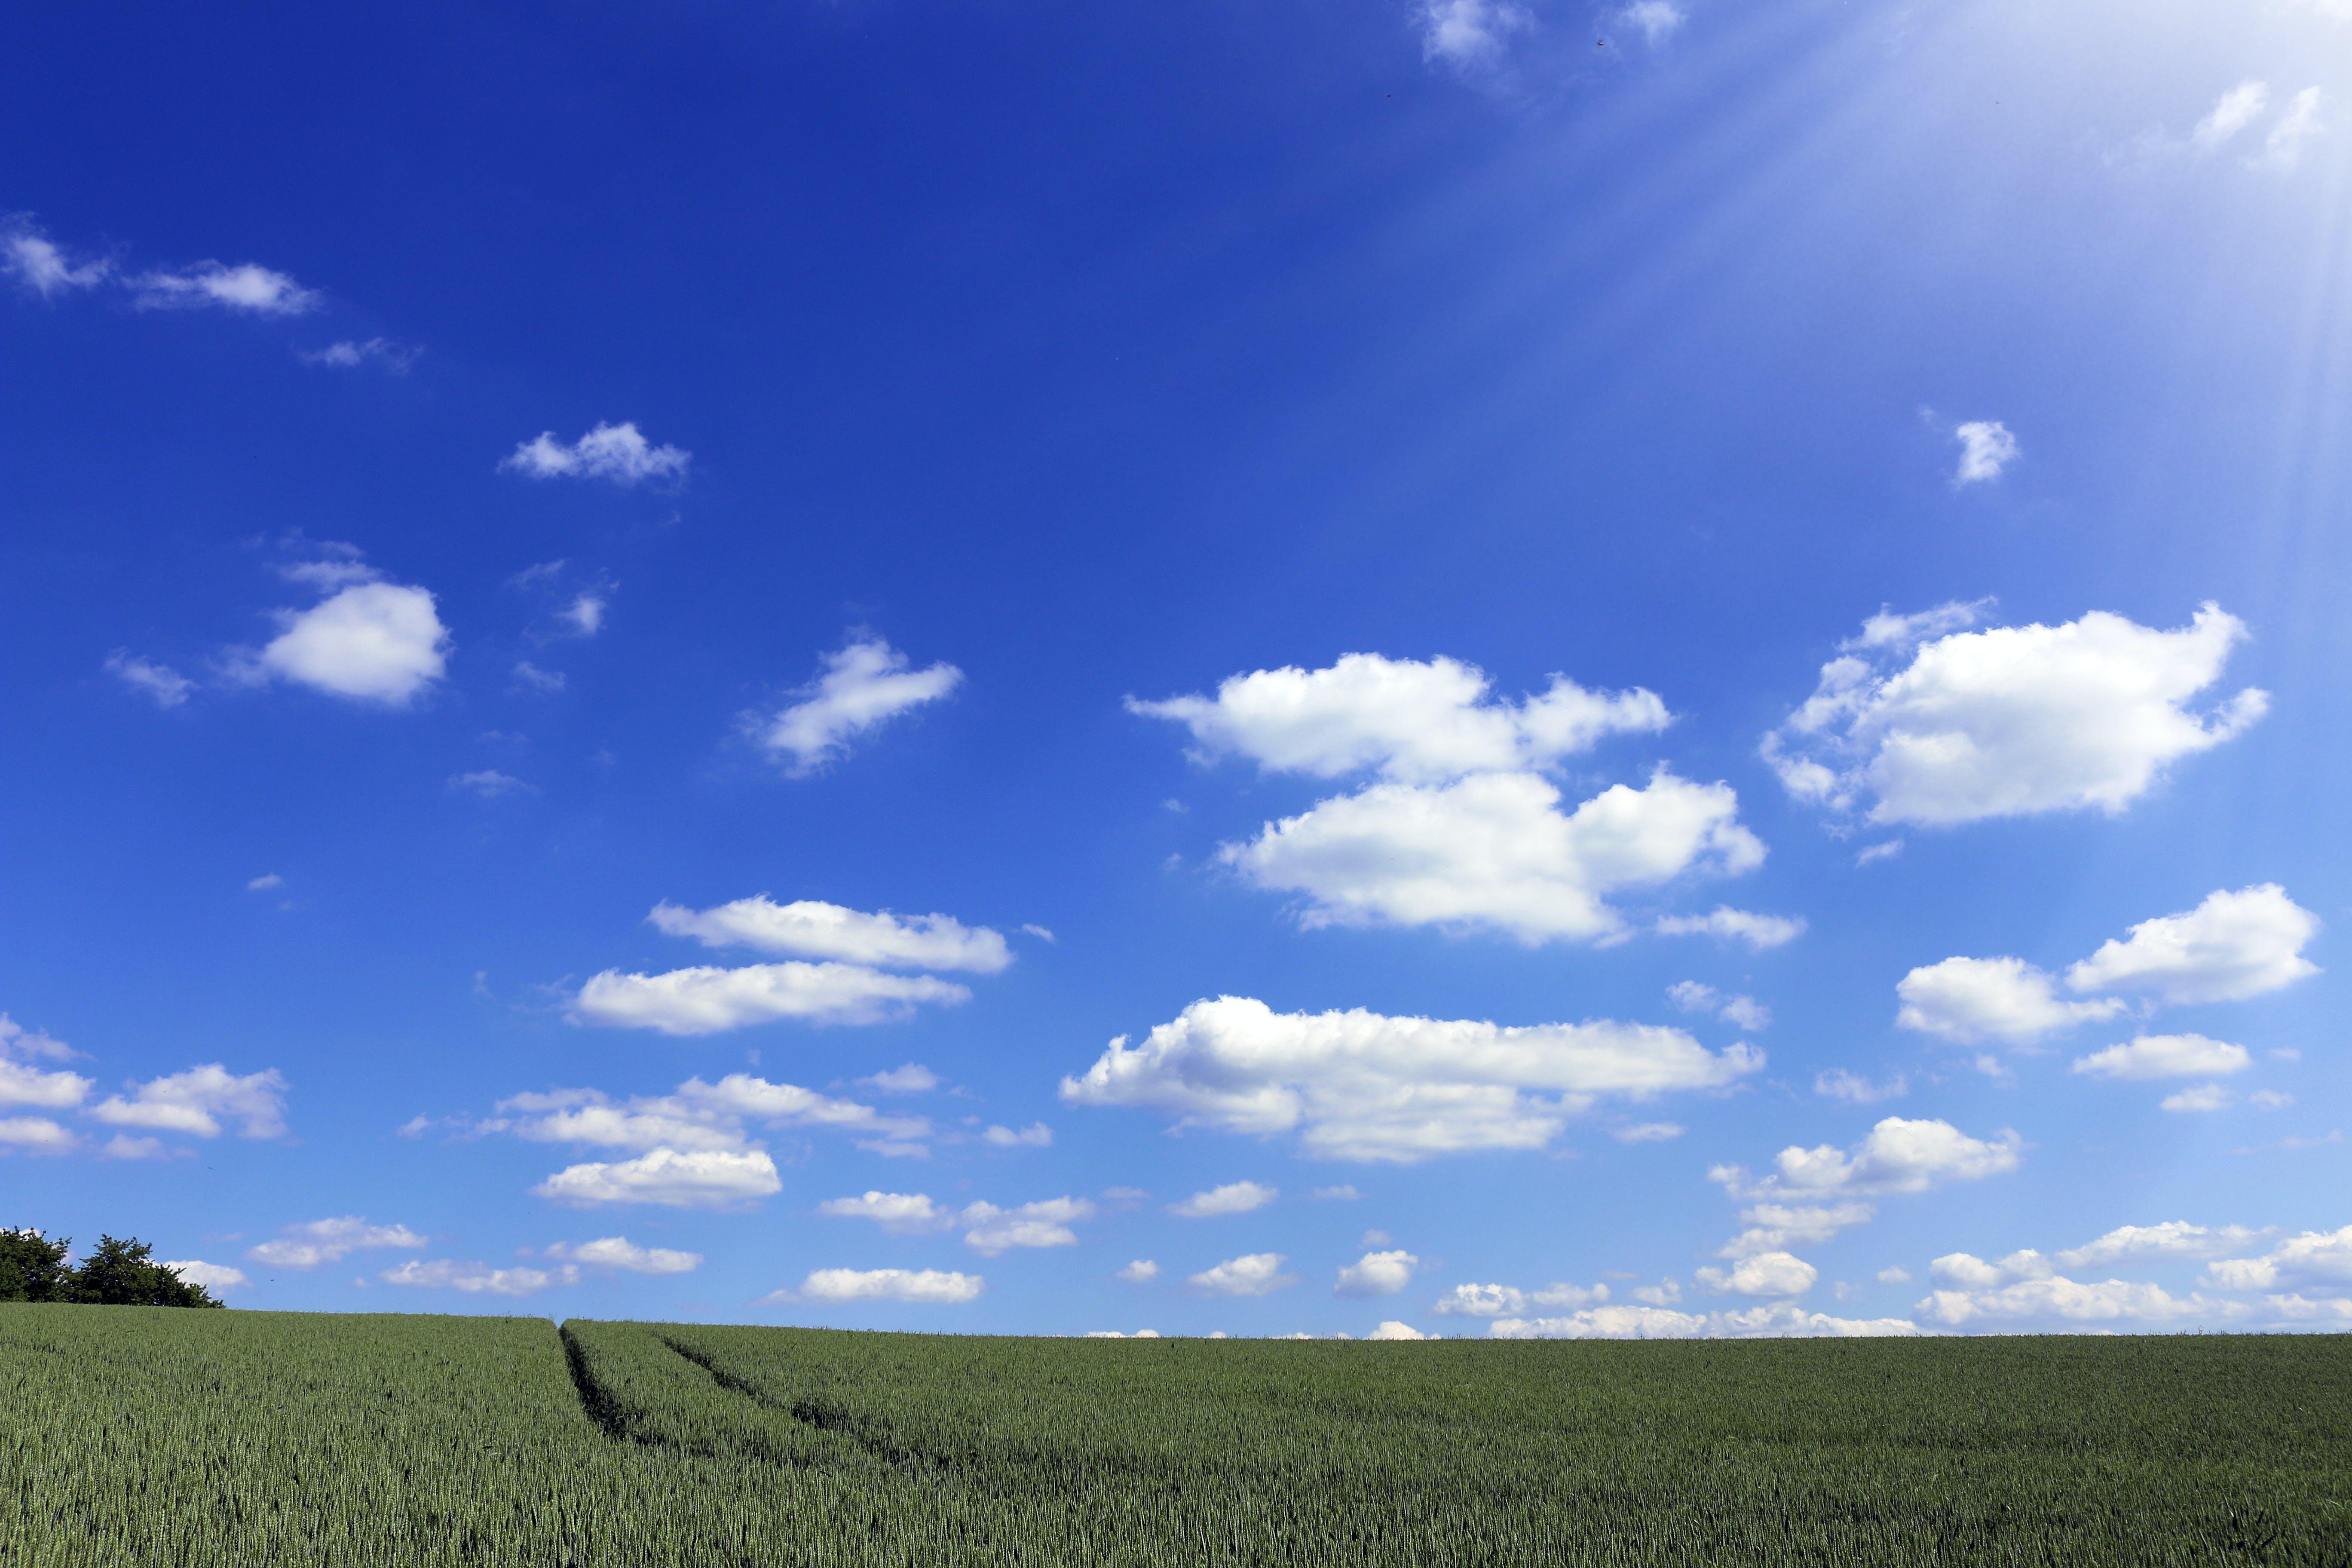 hřiště, mraky, obloha